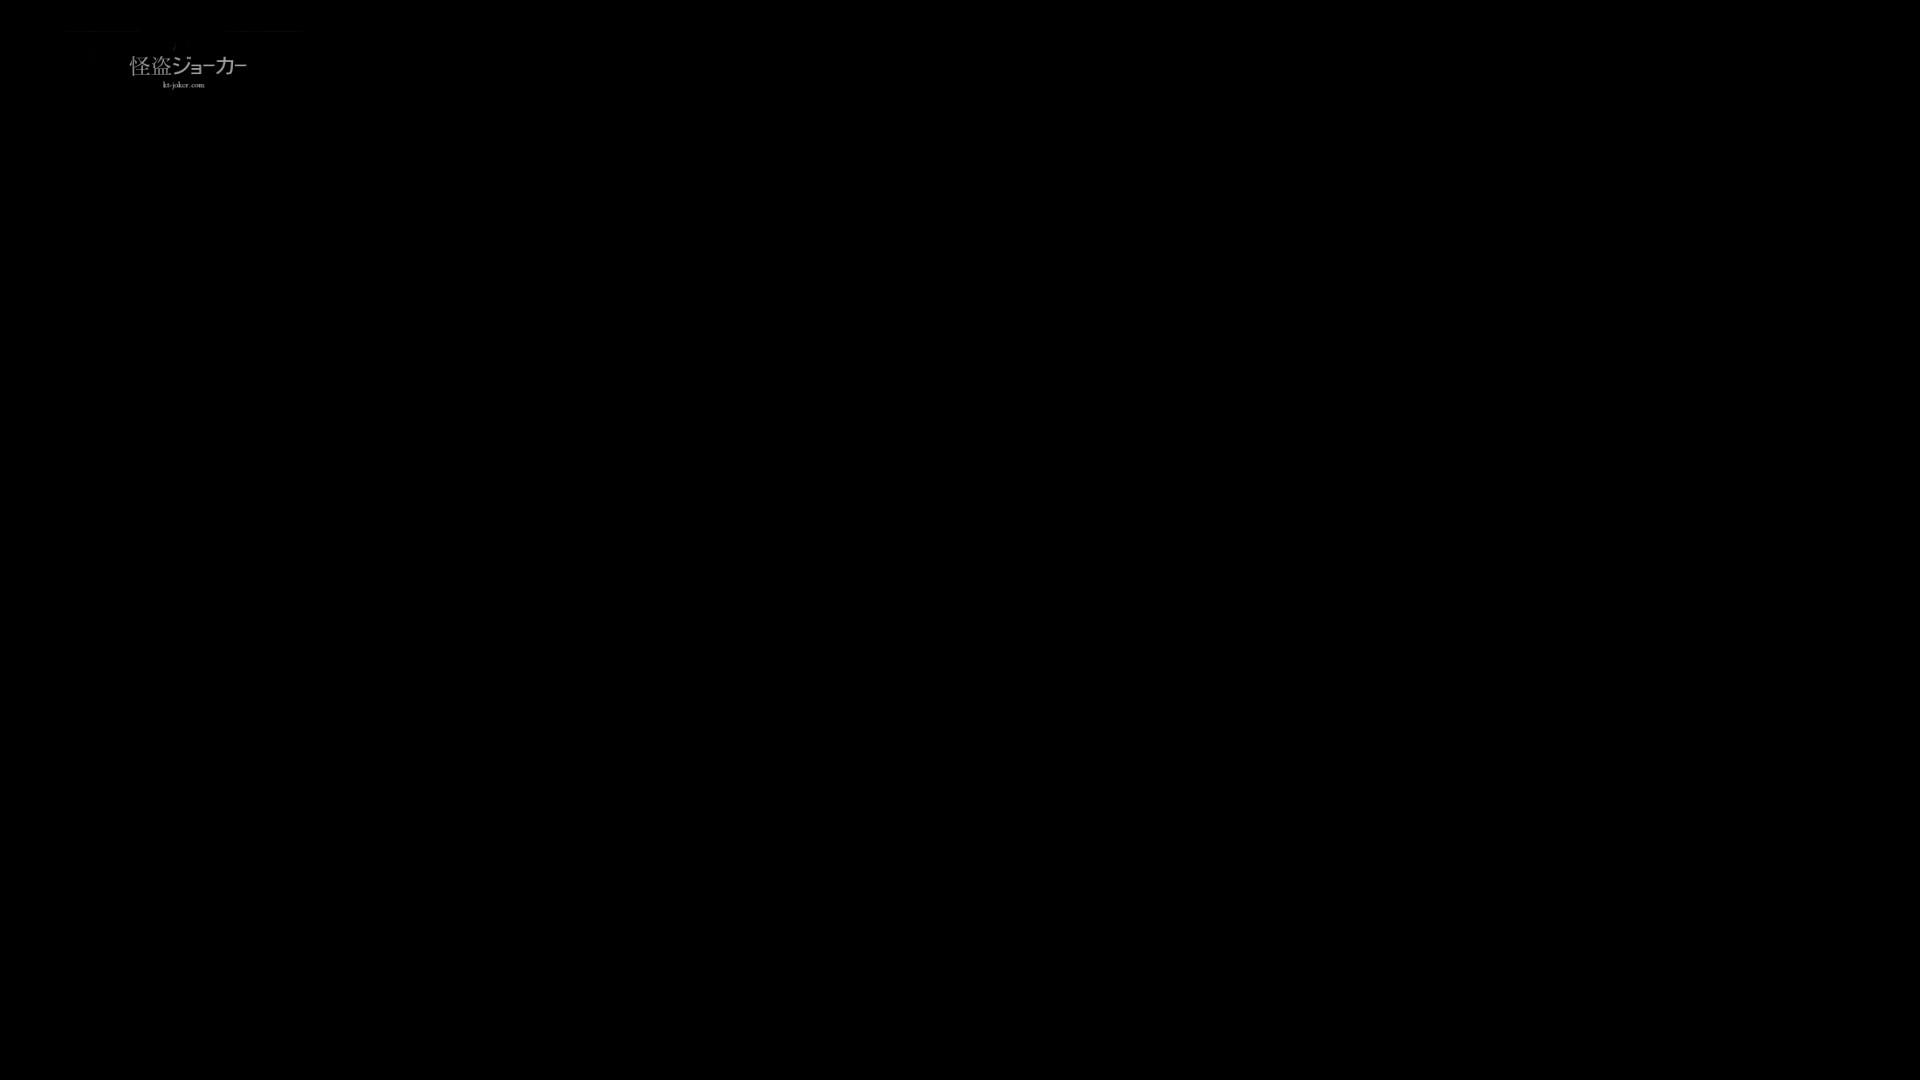 リアルインパクト盗撮~入浴編 Vol.01 OLのボディ すけべAV動画紹介 54PIX 16